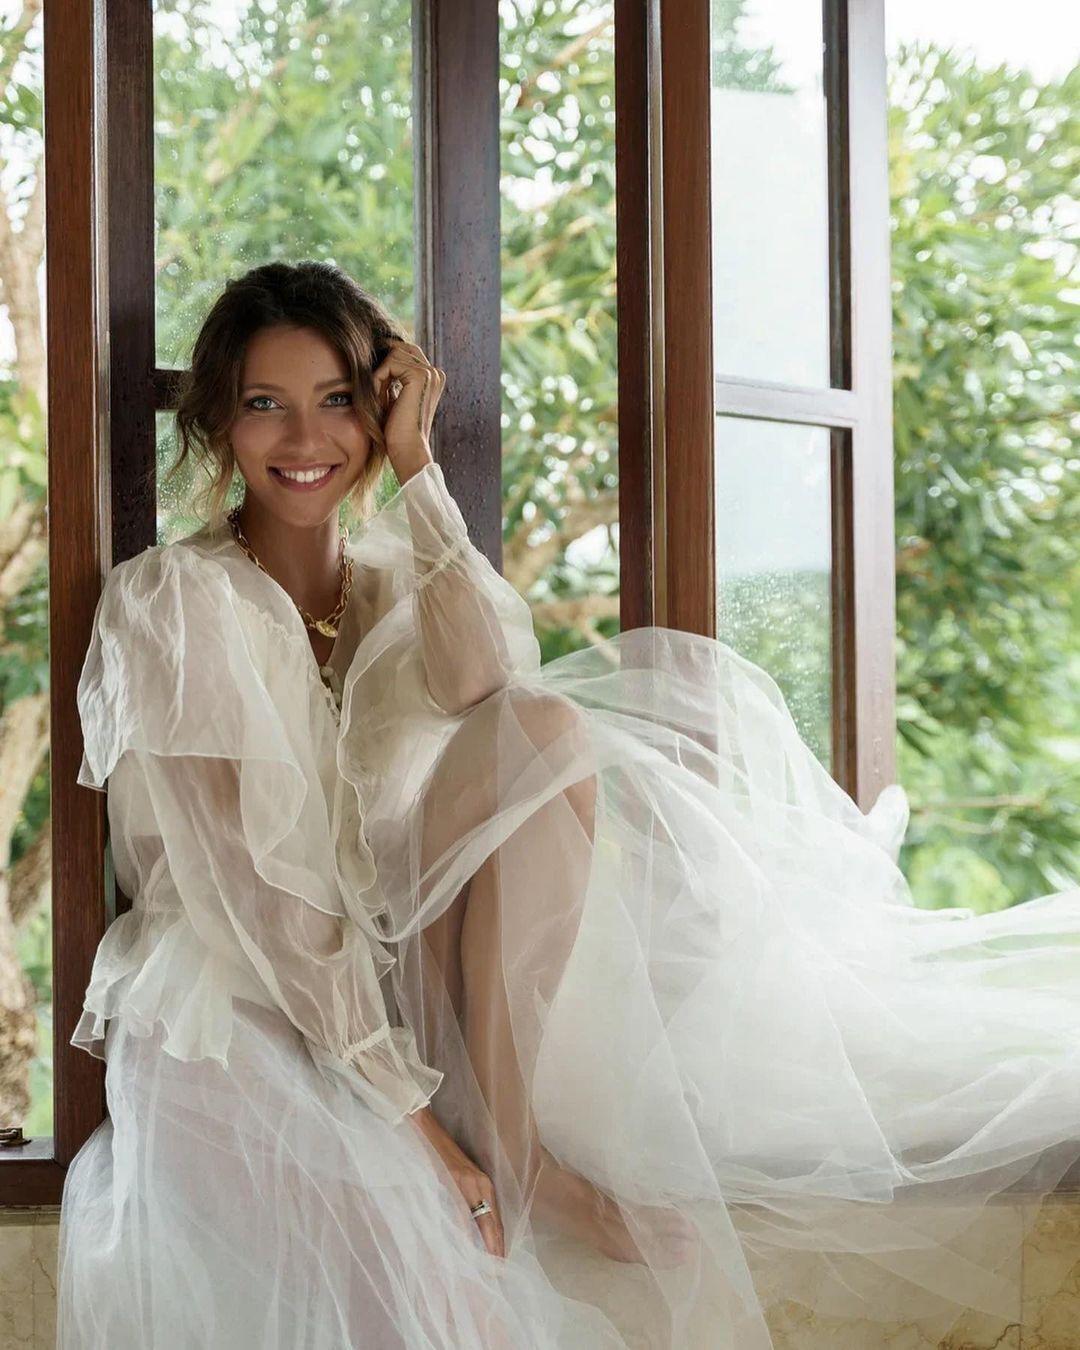 Регина Тодоренко позирует в полупрозрачном платье